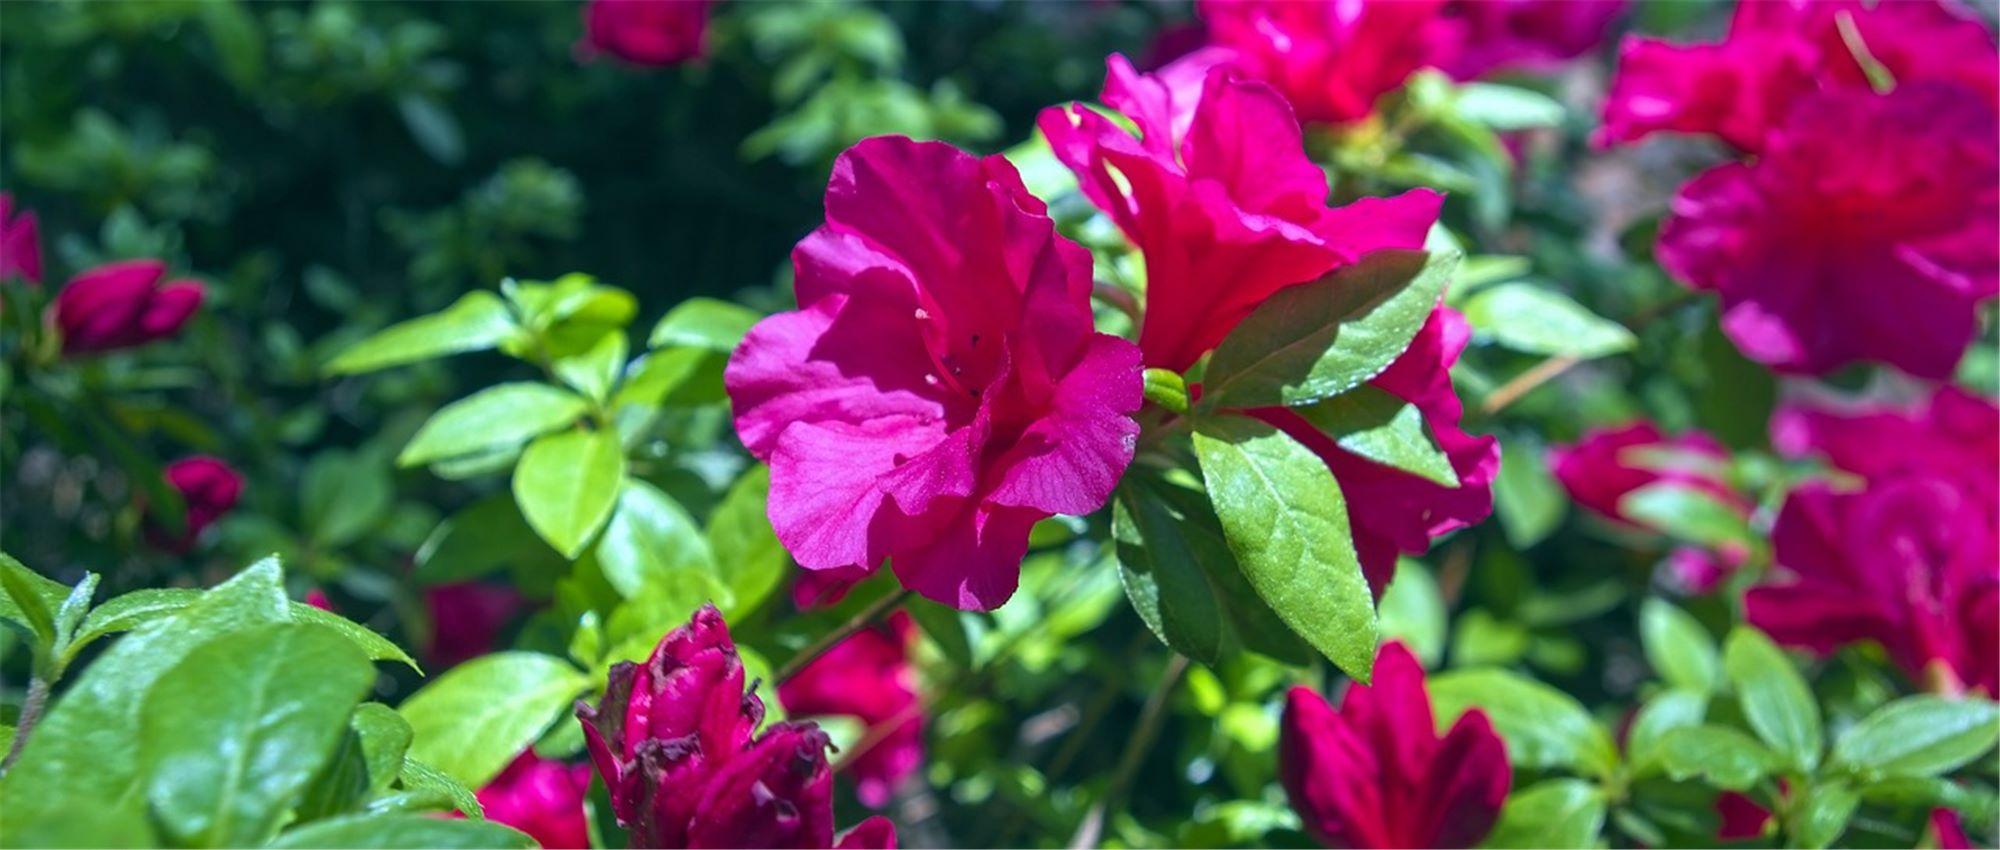 Quelles Fleurs Parfumées Pour Le Jardin ? - Gardena dedans Lame Parfumee Des Jardins